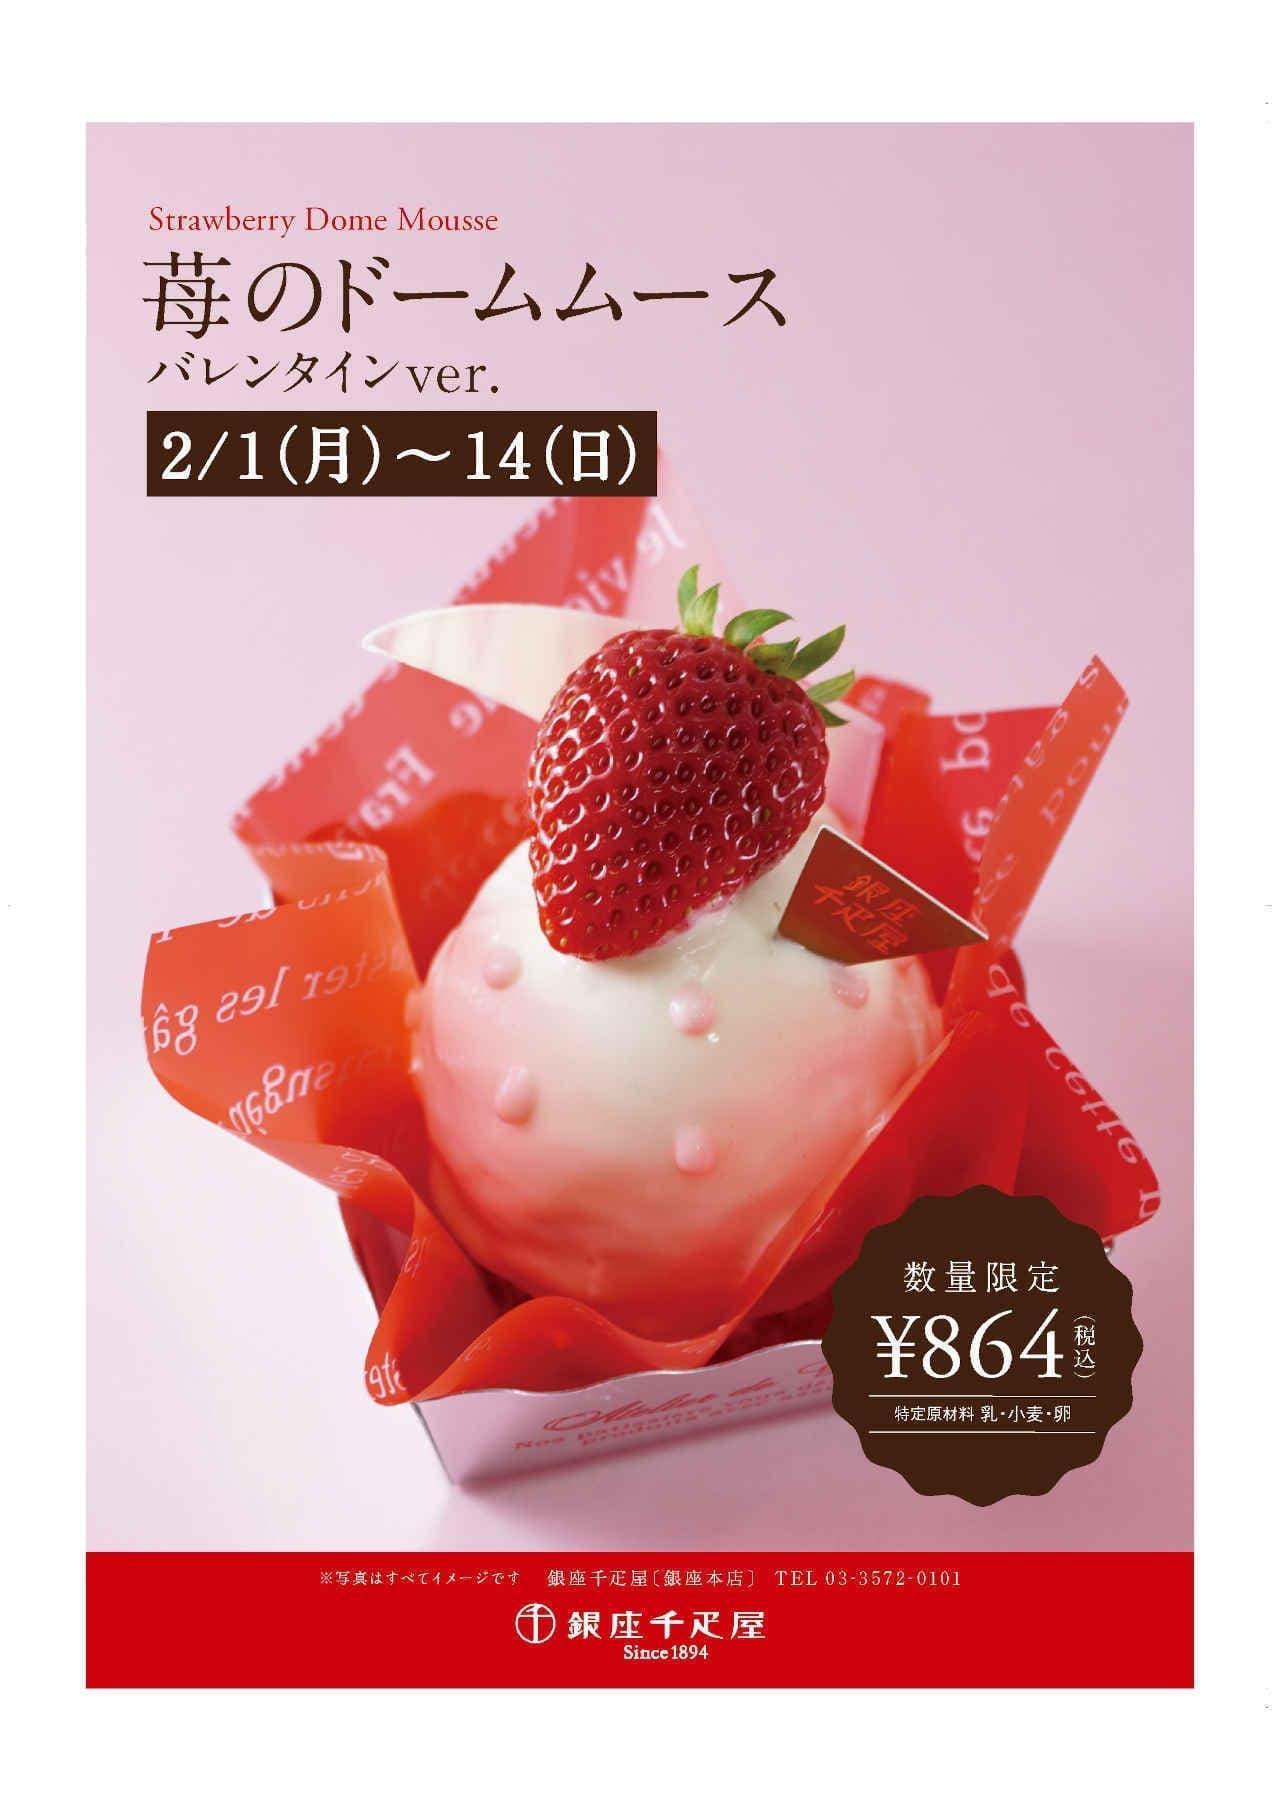 銀座千疋屋「苺のドームムース」